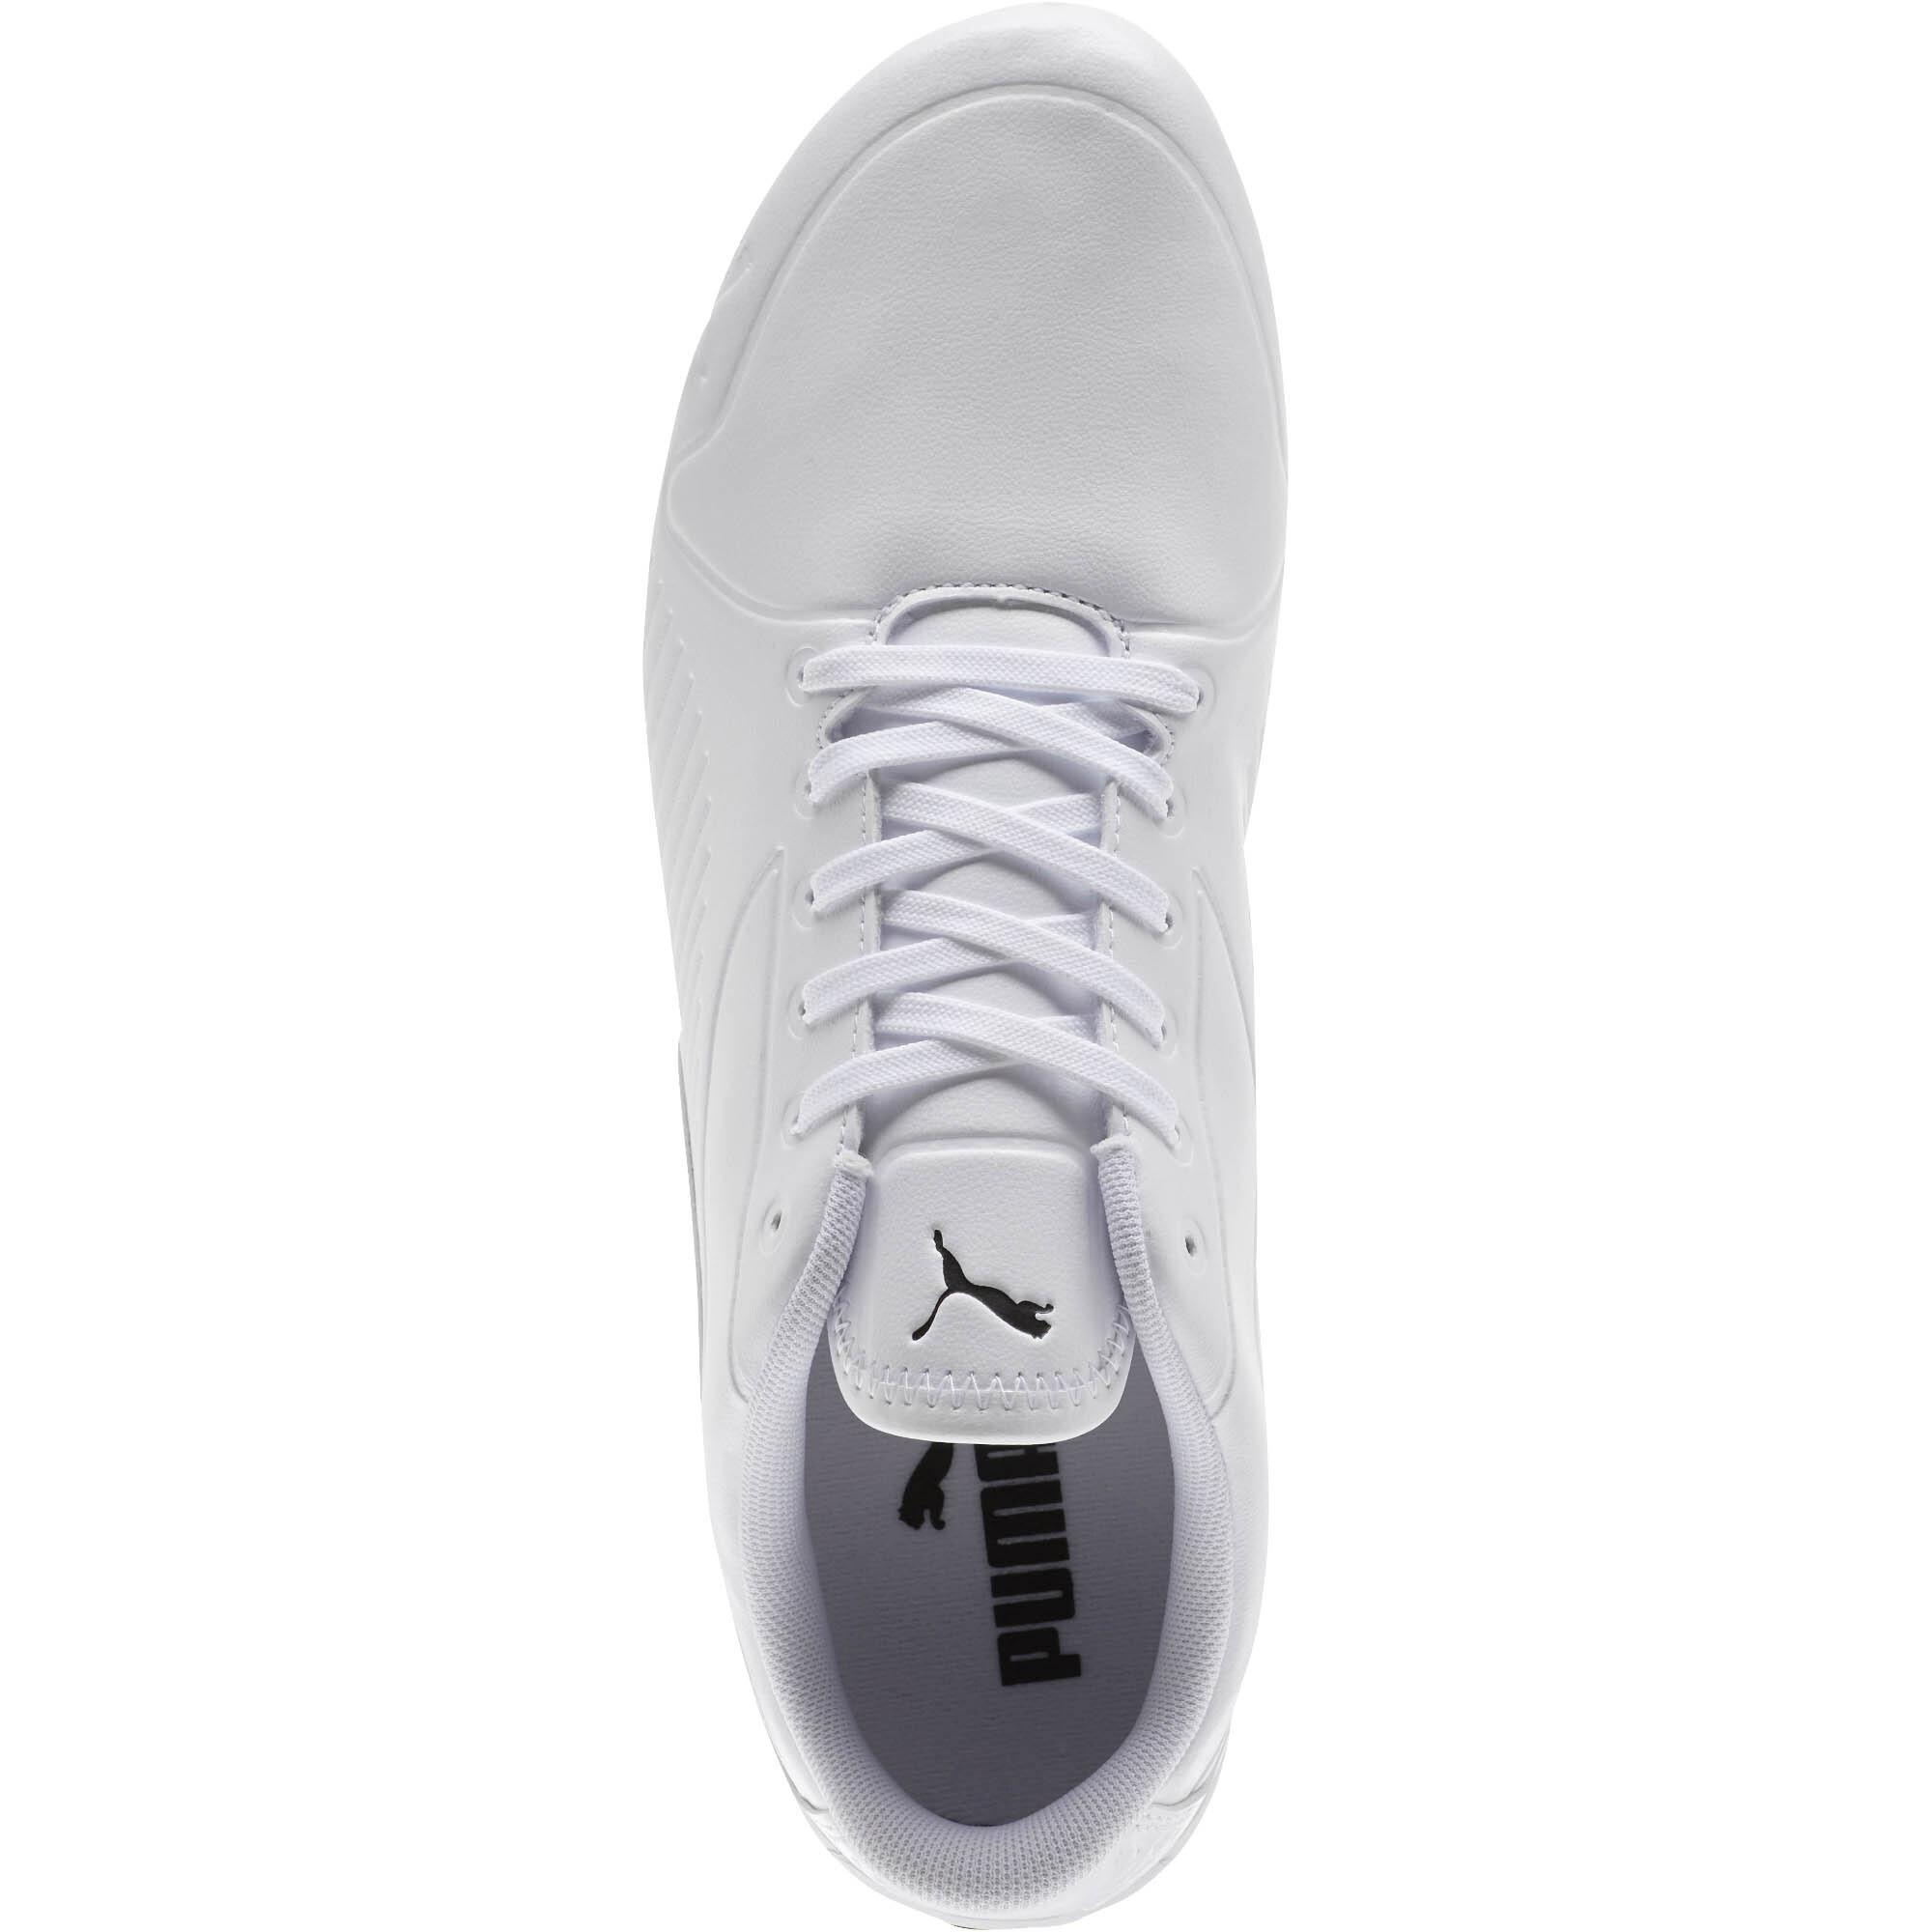 PUMA-Drift-Cat-7S-Ultra-Men-039-s-Shoes-Men-Shoe-Basics thumbnail 11